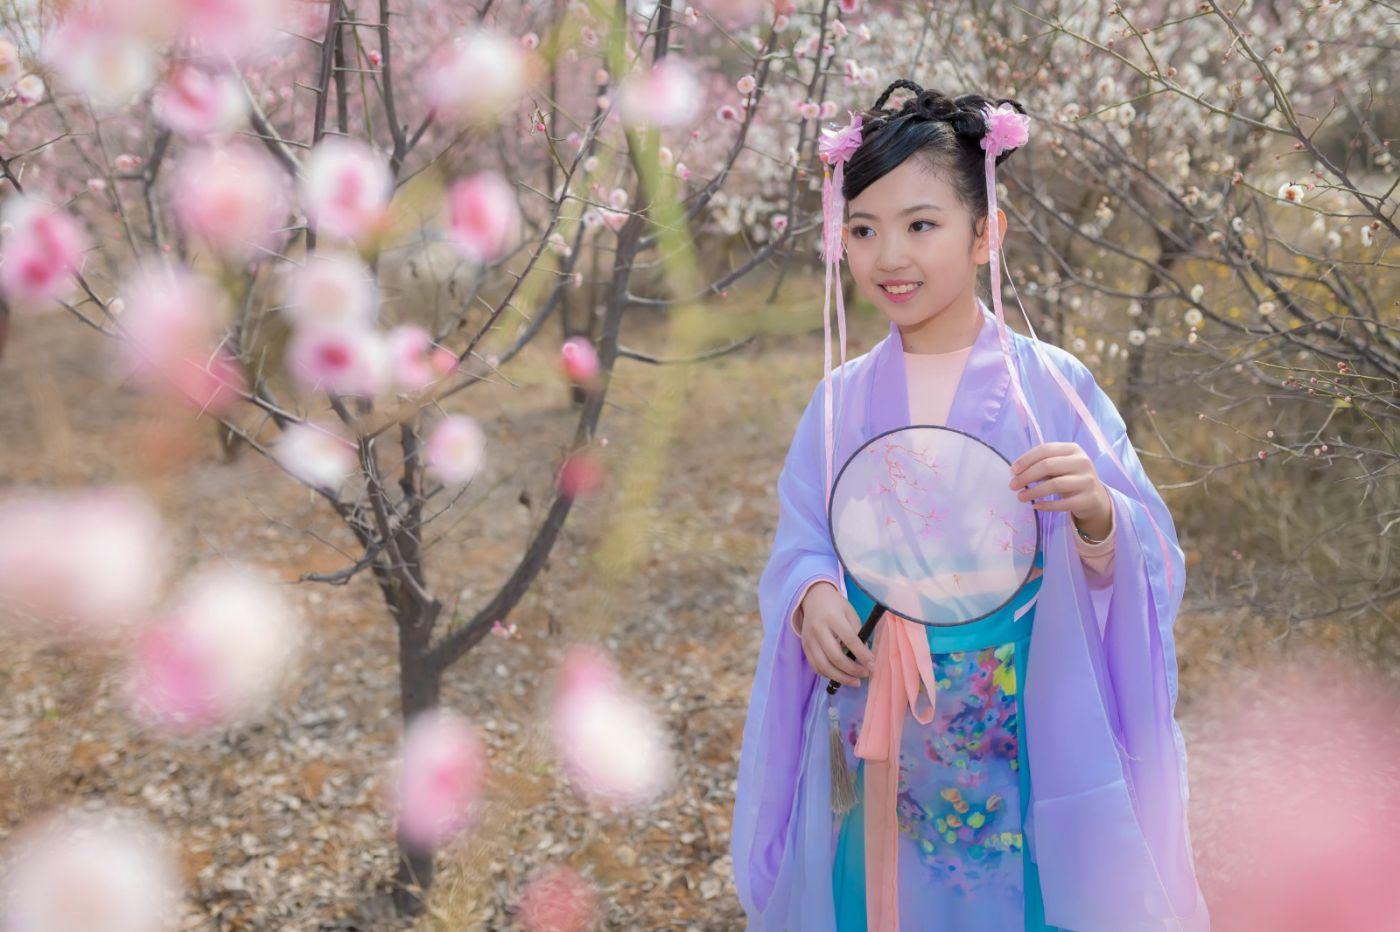 翟家小妮翟雅慧之春到梅园 花儿与少年系列 梅园尽显中国风_图1-23